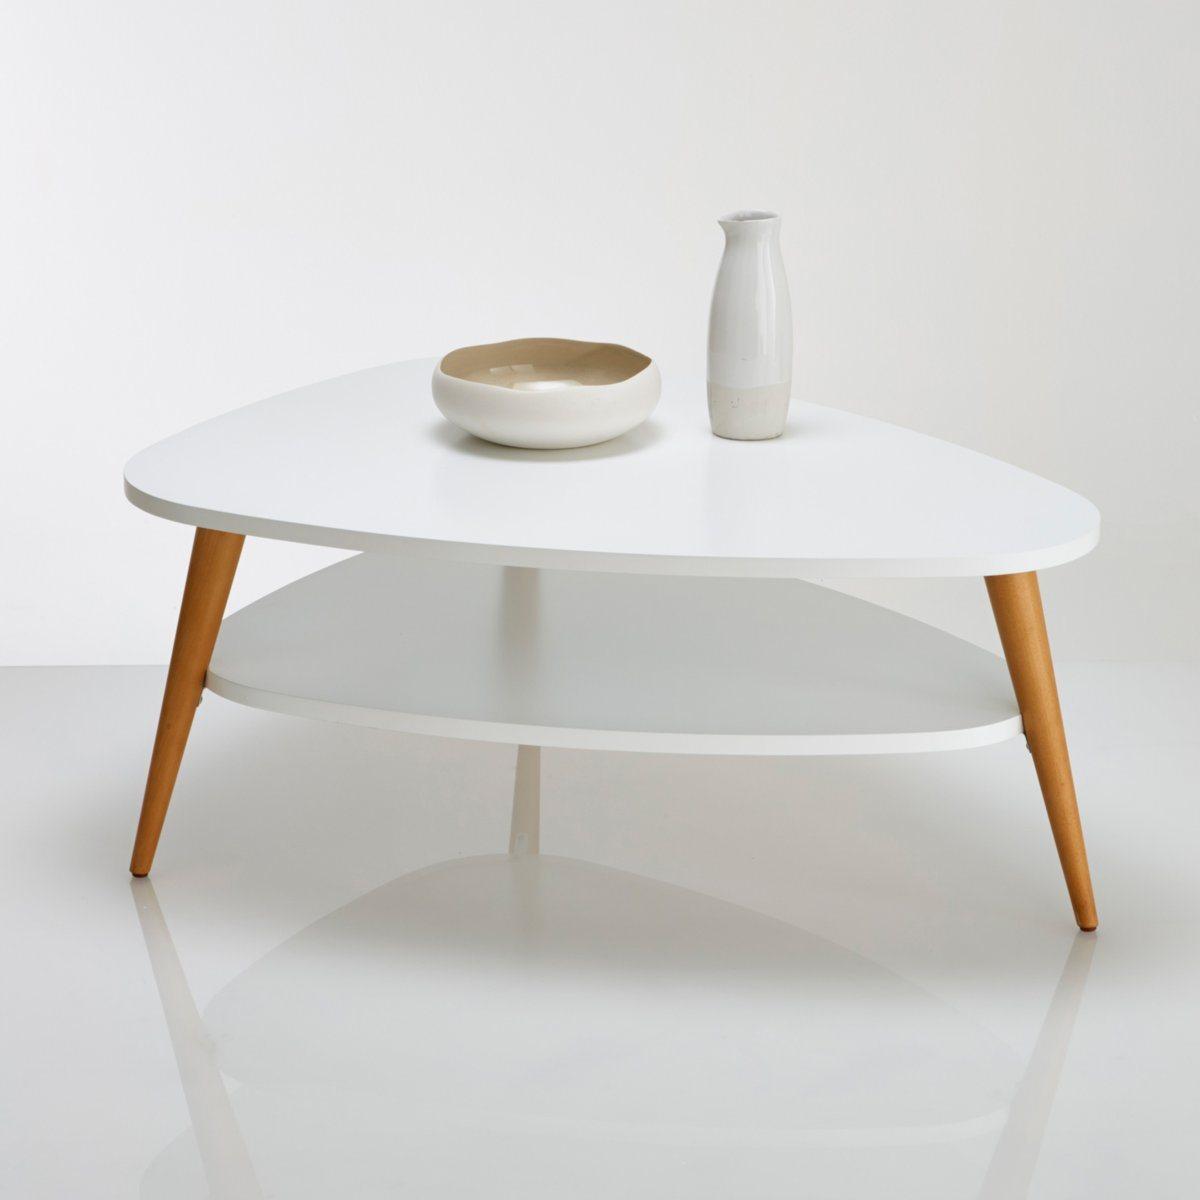 Idee table basse vintage